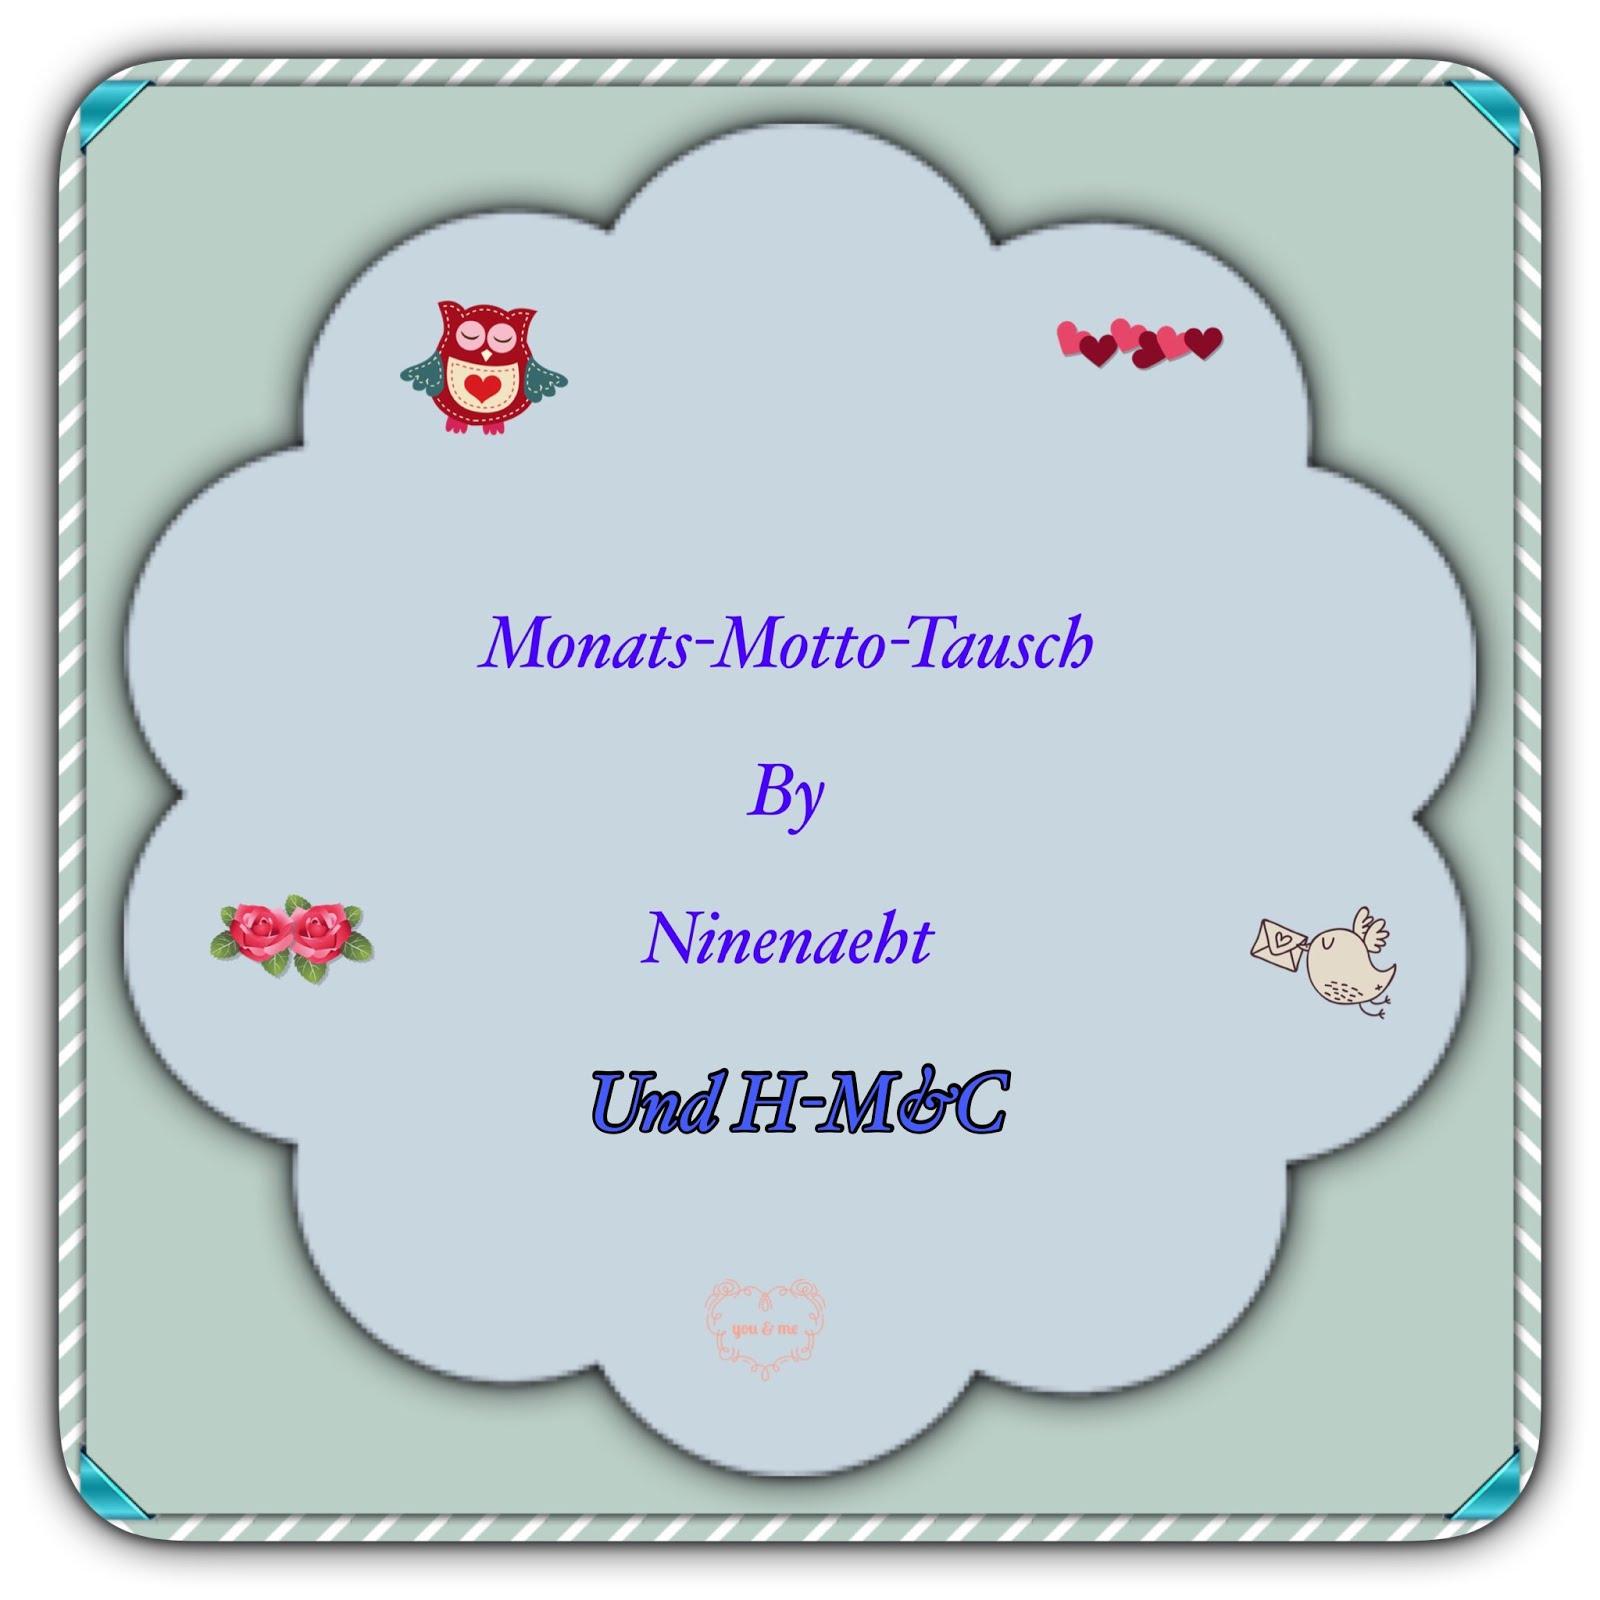 Monats-Motto-Tausch